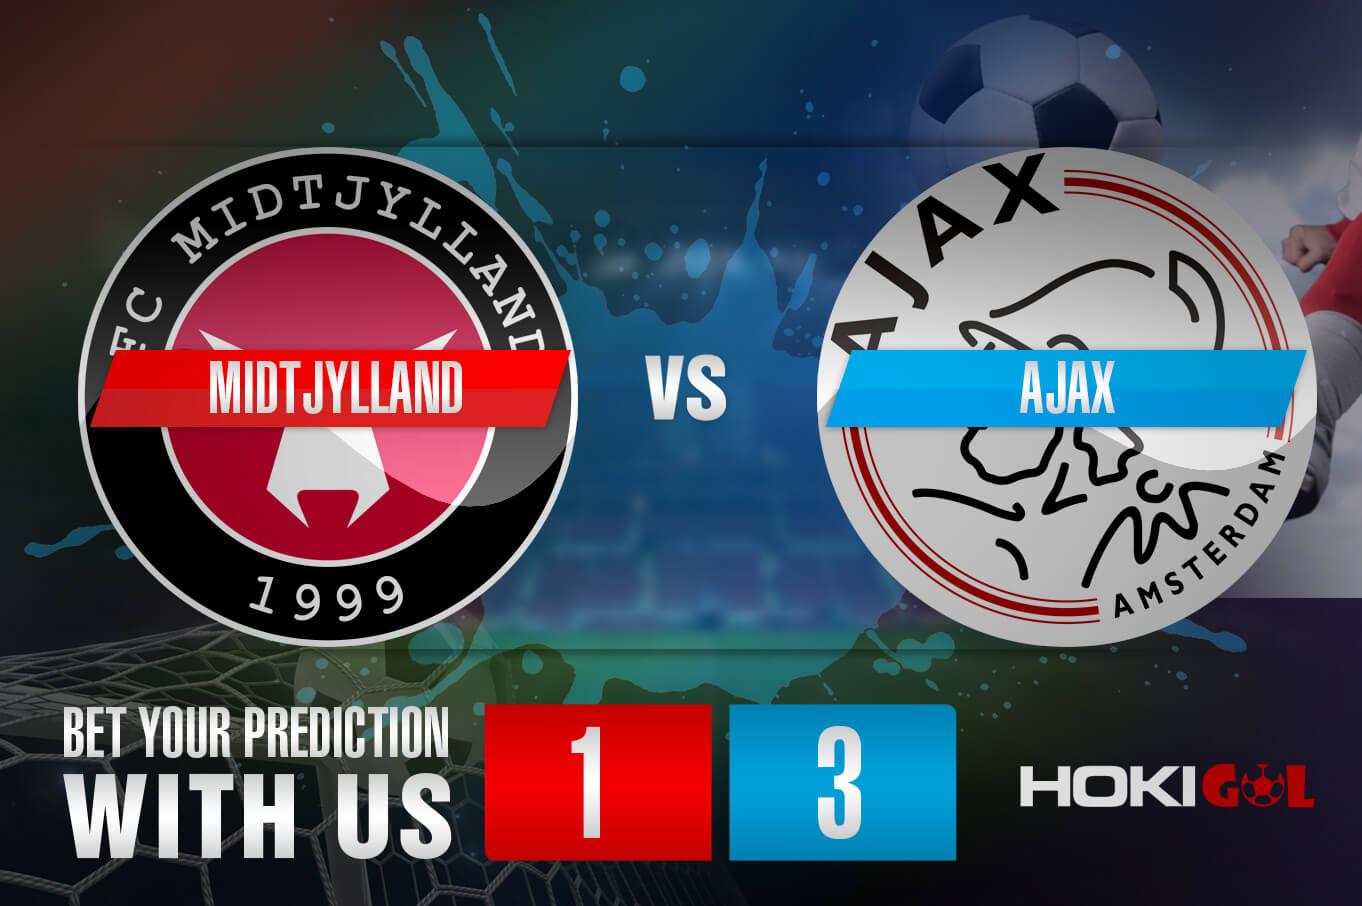 Prediksi Bola Midtjylland Vs Ajax 4 November 2020